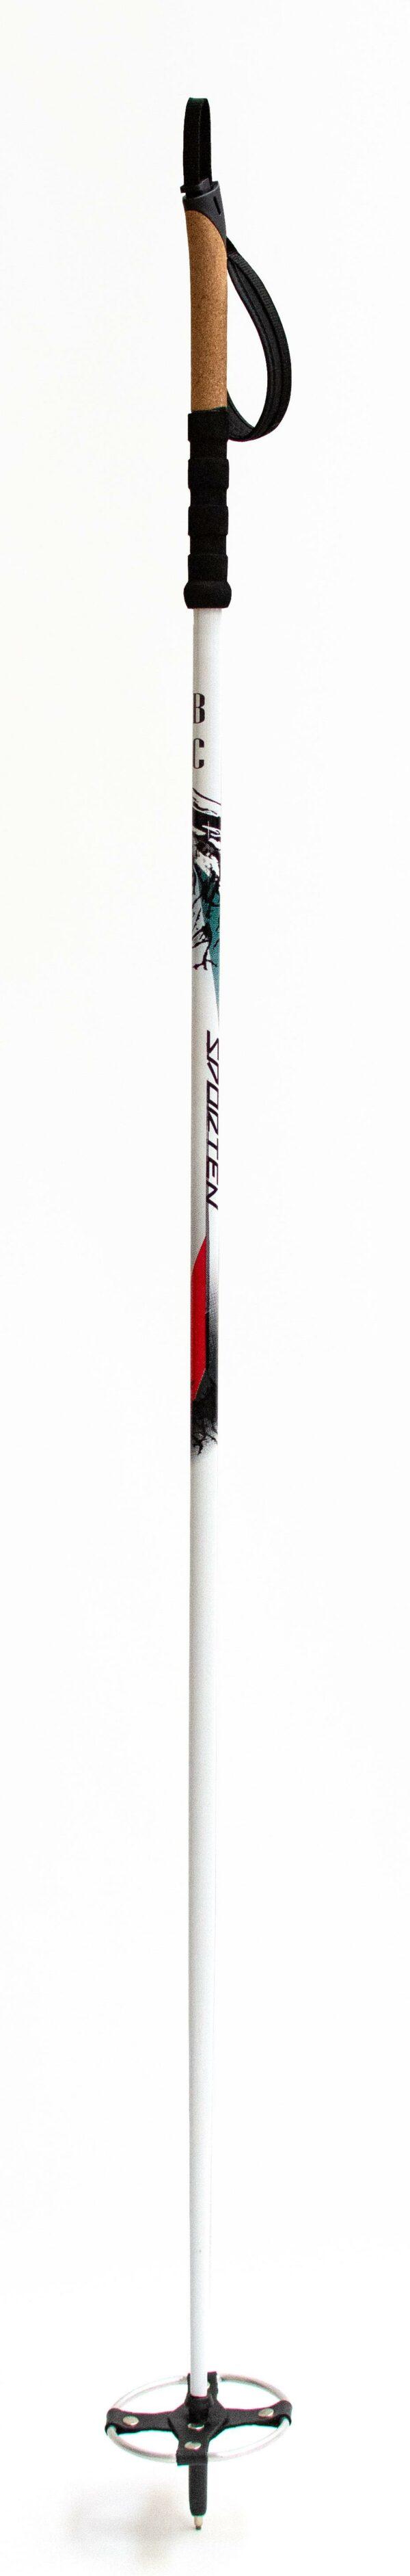 Sporten běžkařské hole Backcountry 2020_2021